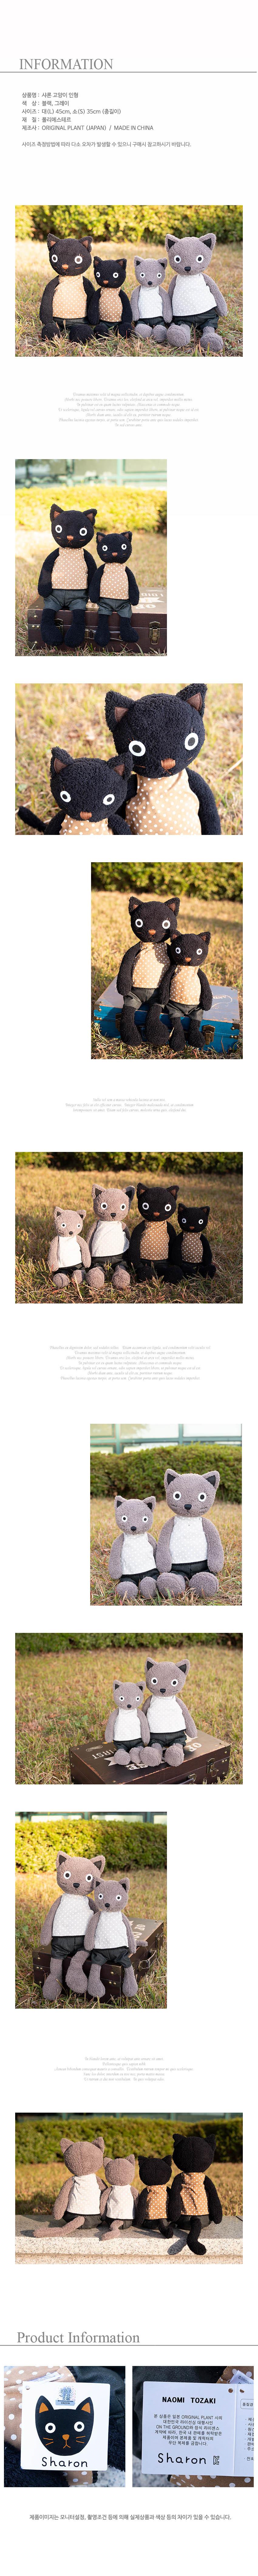 DS-B35 샤론 고양이 인형 2color 카페 소품 생일선물 - 리빙톡톡, 32,000원, 애니멀인형, 곰 인형